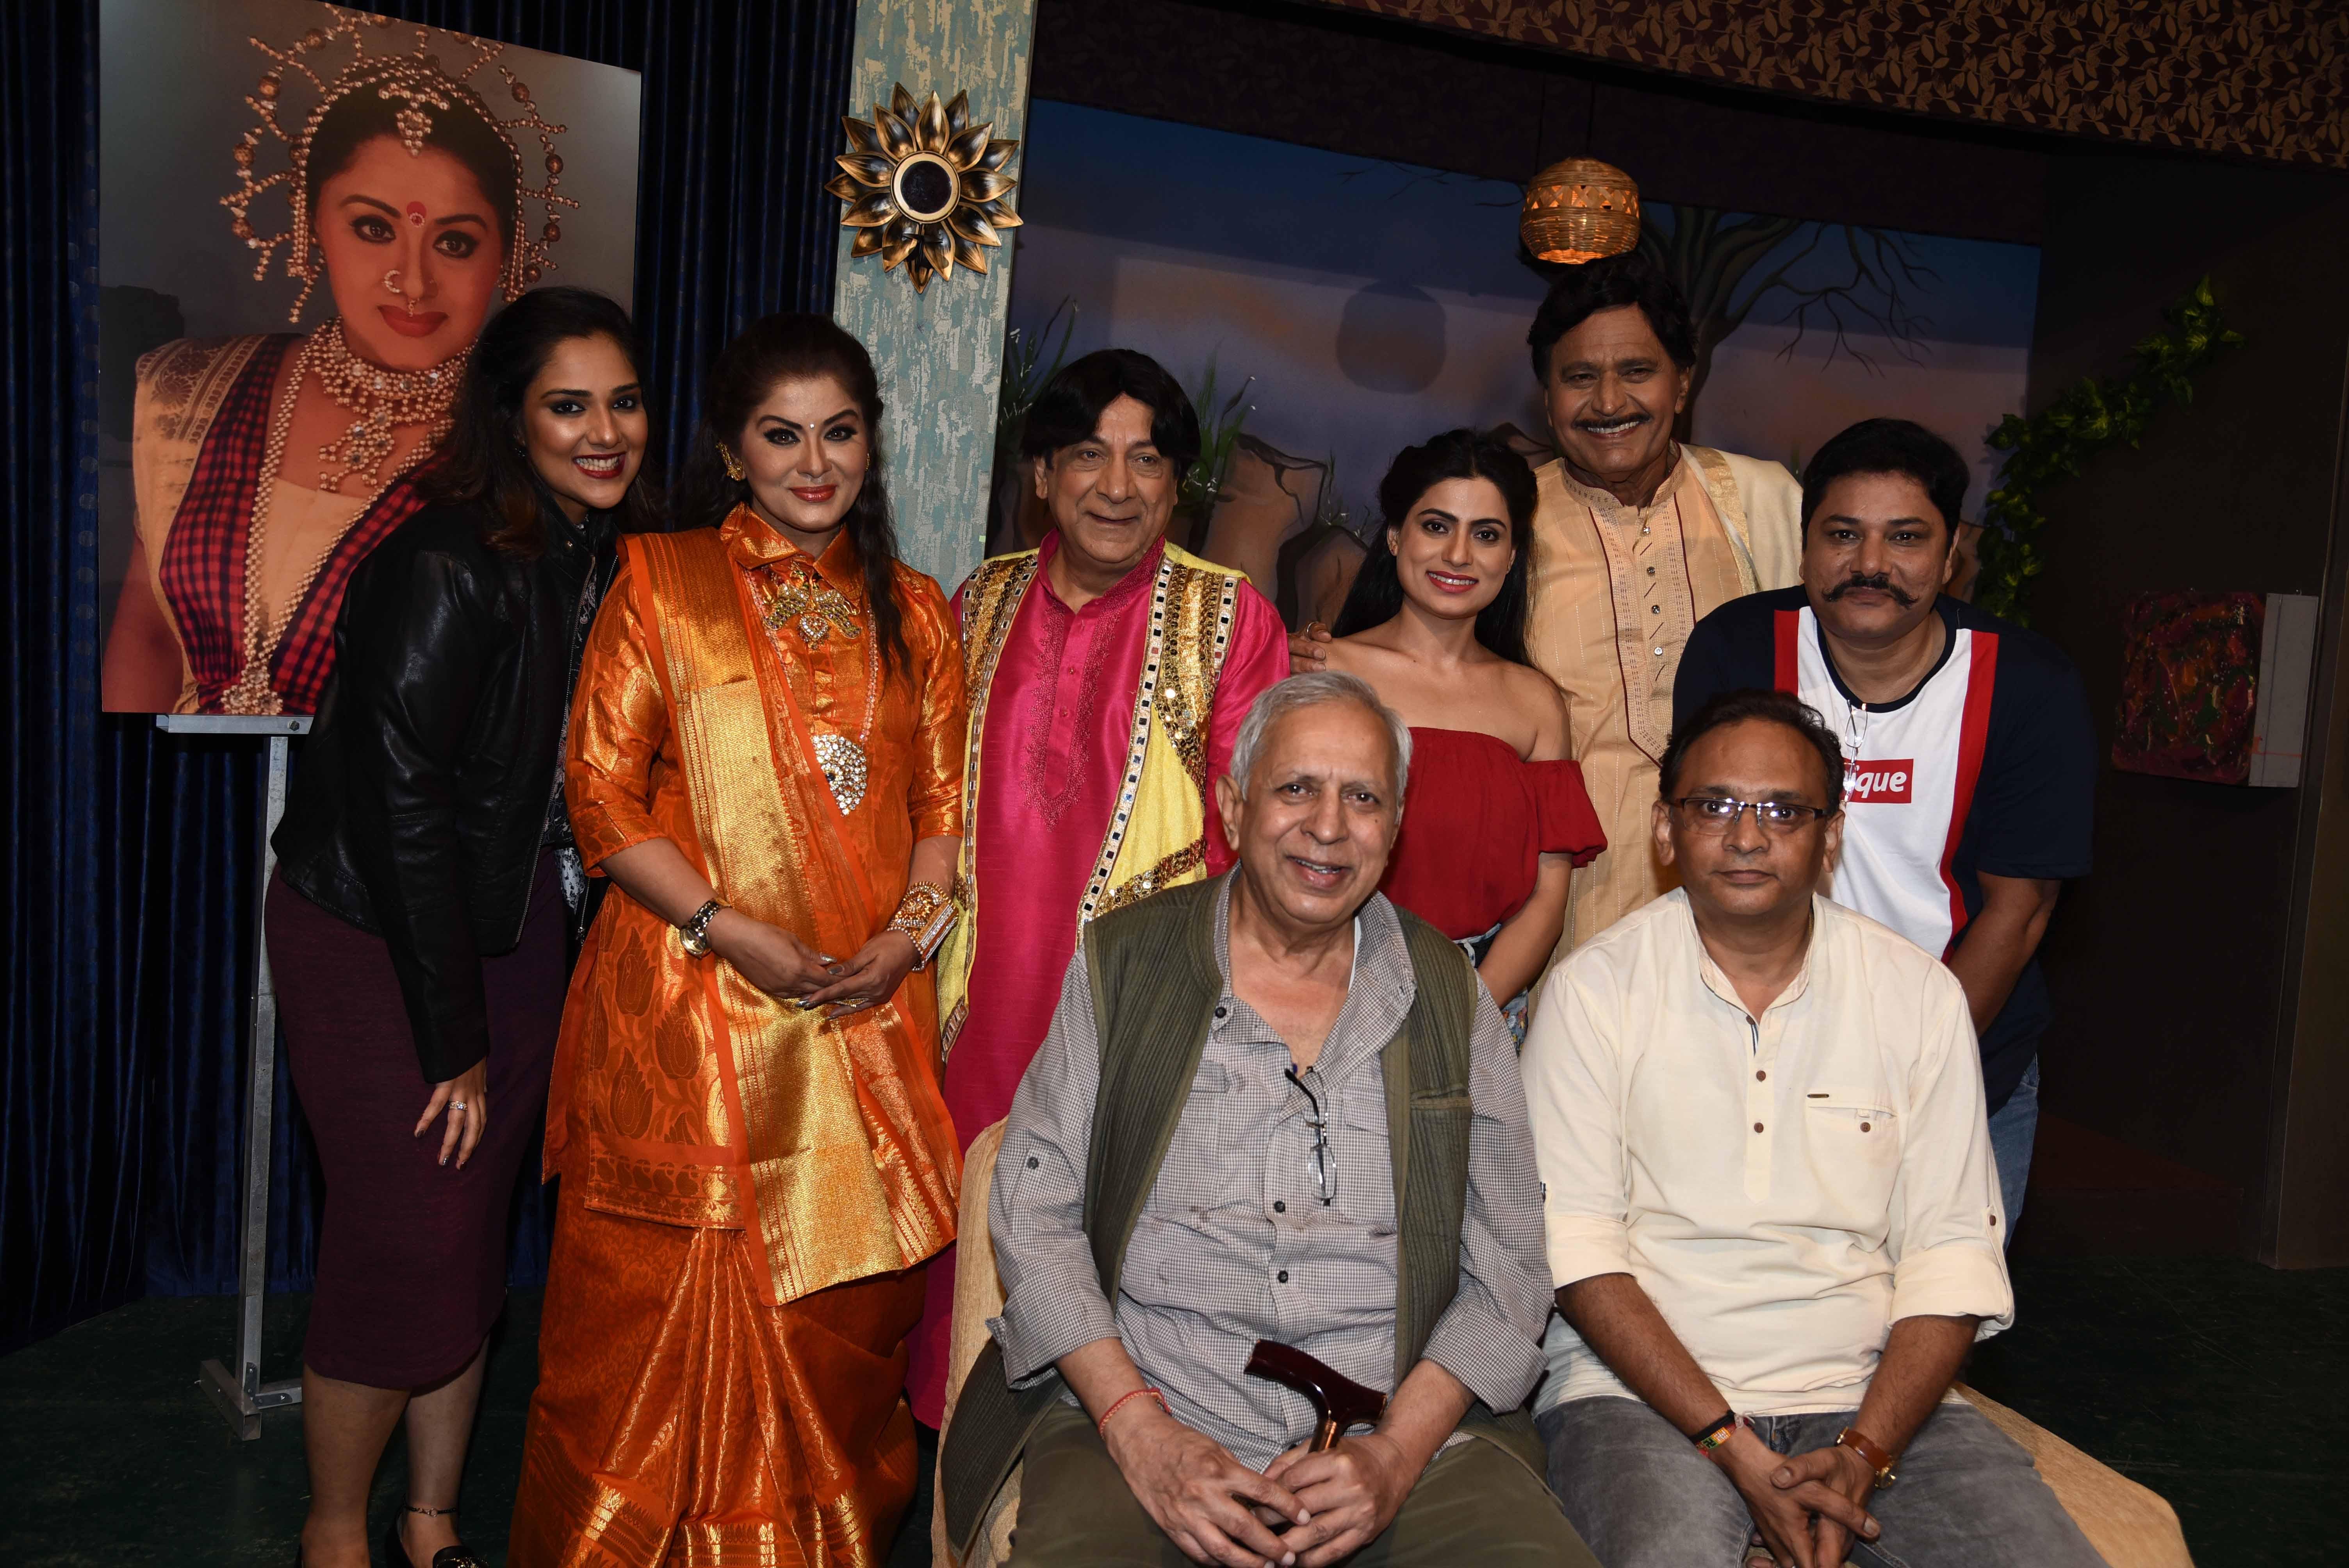 Director Raman Kumar with starcast and crew of DS Pahwa's play, Kuchh Meetha Ho Jaye, at Rang Sharda Auditorium, Bandra